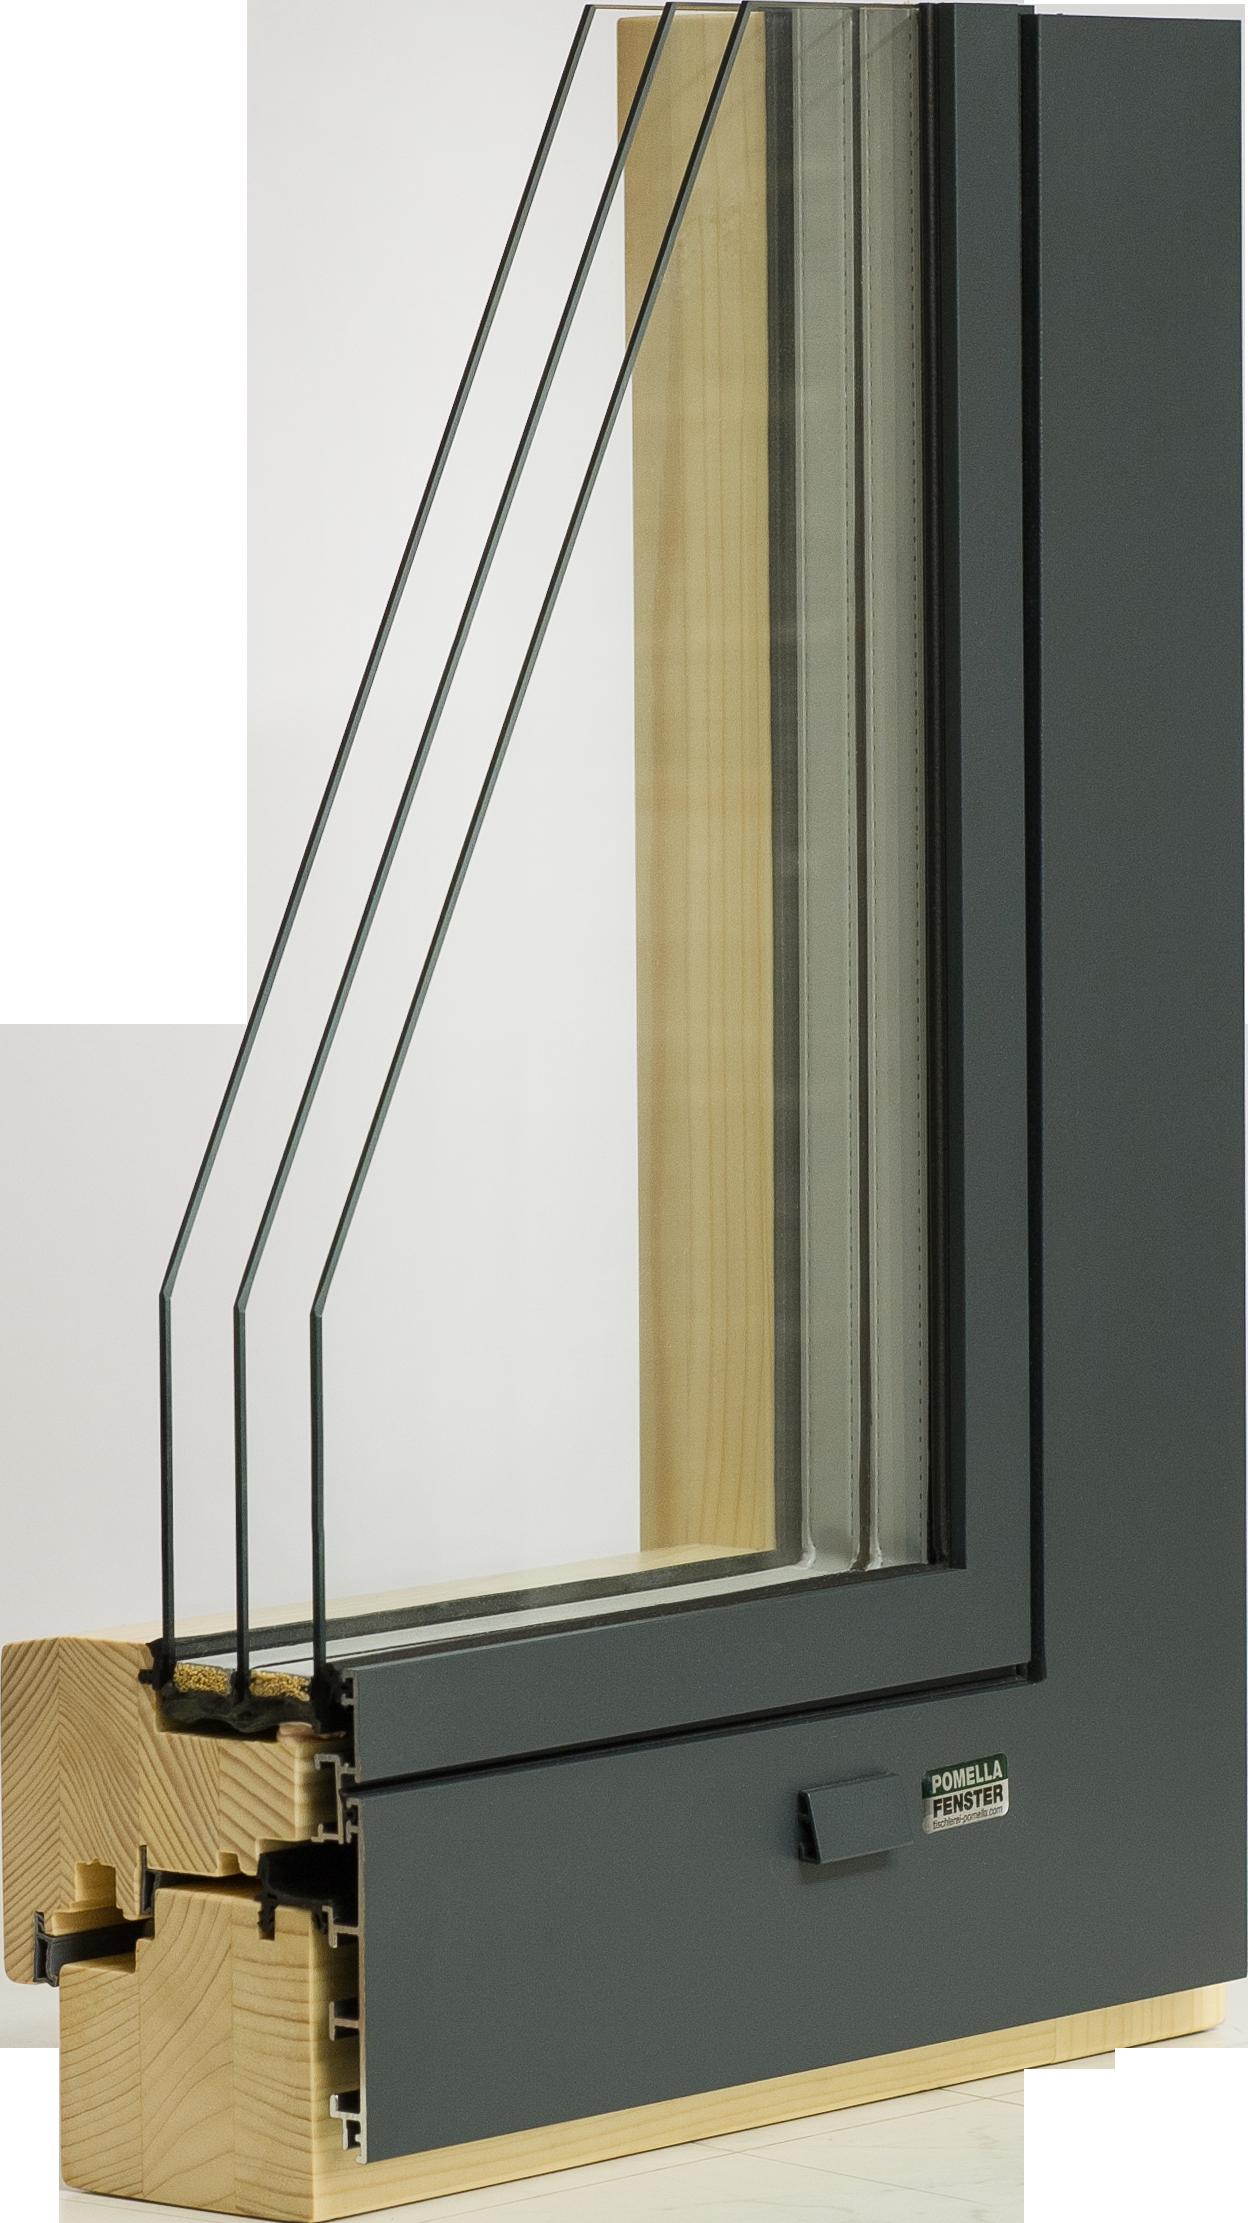 Full Size of Holz Alu Fenster Mit 3 Fach Verglasung Auen Flchenbndig Fliesen Holzoptik Bad Anthrazit Rollo Flachdach Sonnenschutzfolie Schräge Abdunkeln Rehau Internorm Fenster Holz Alu Fenster